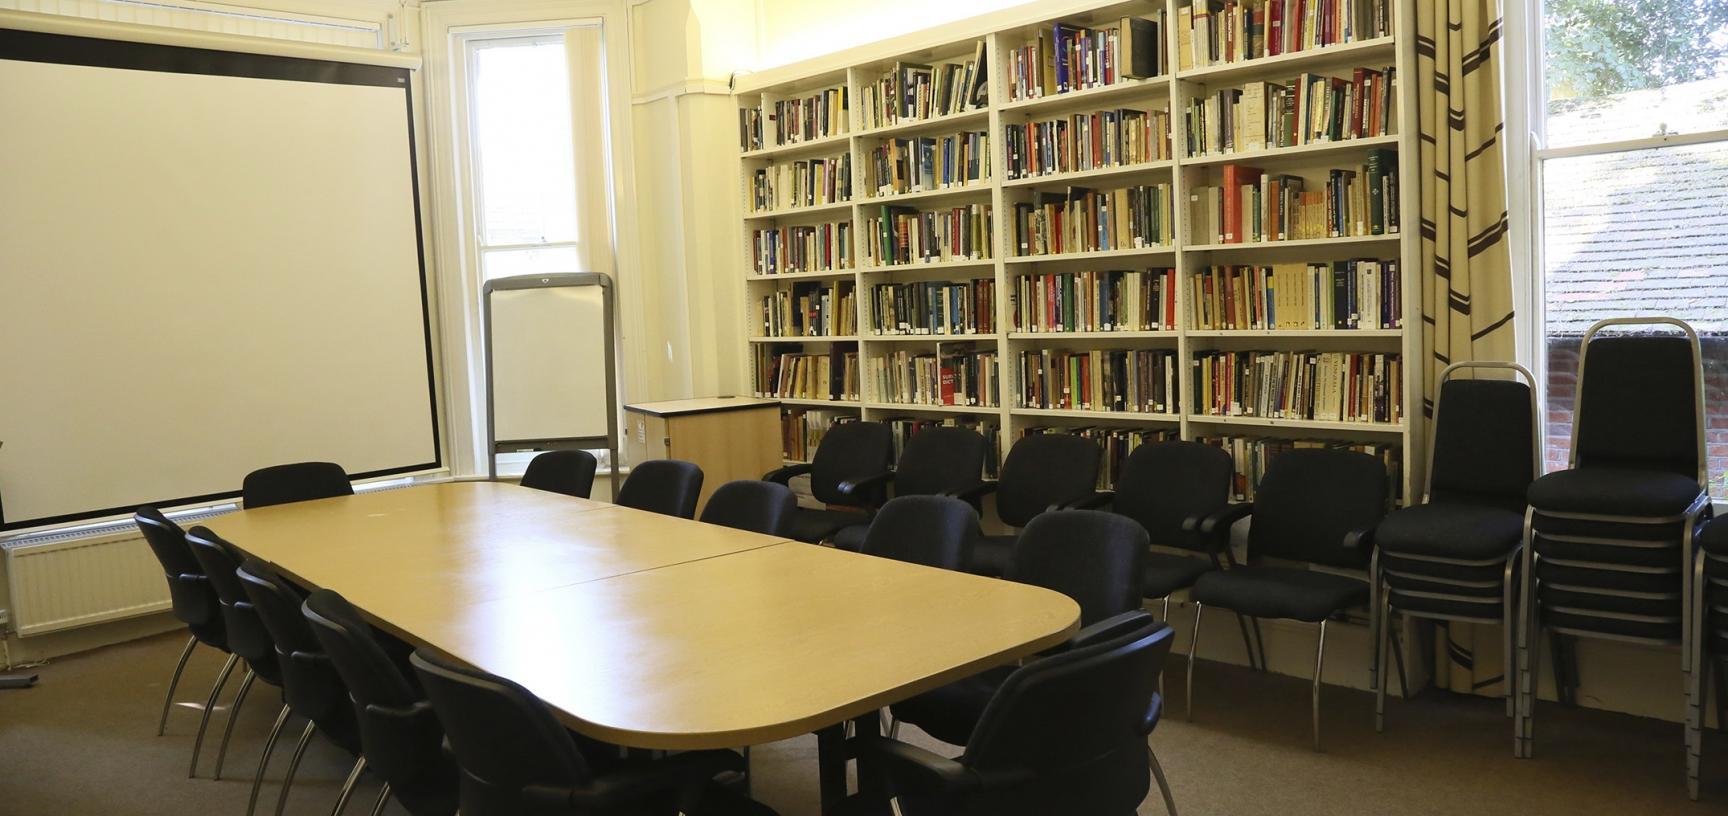 lac seminar room mw5a5850